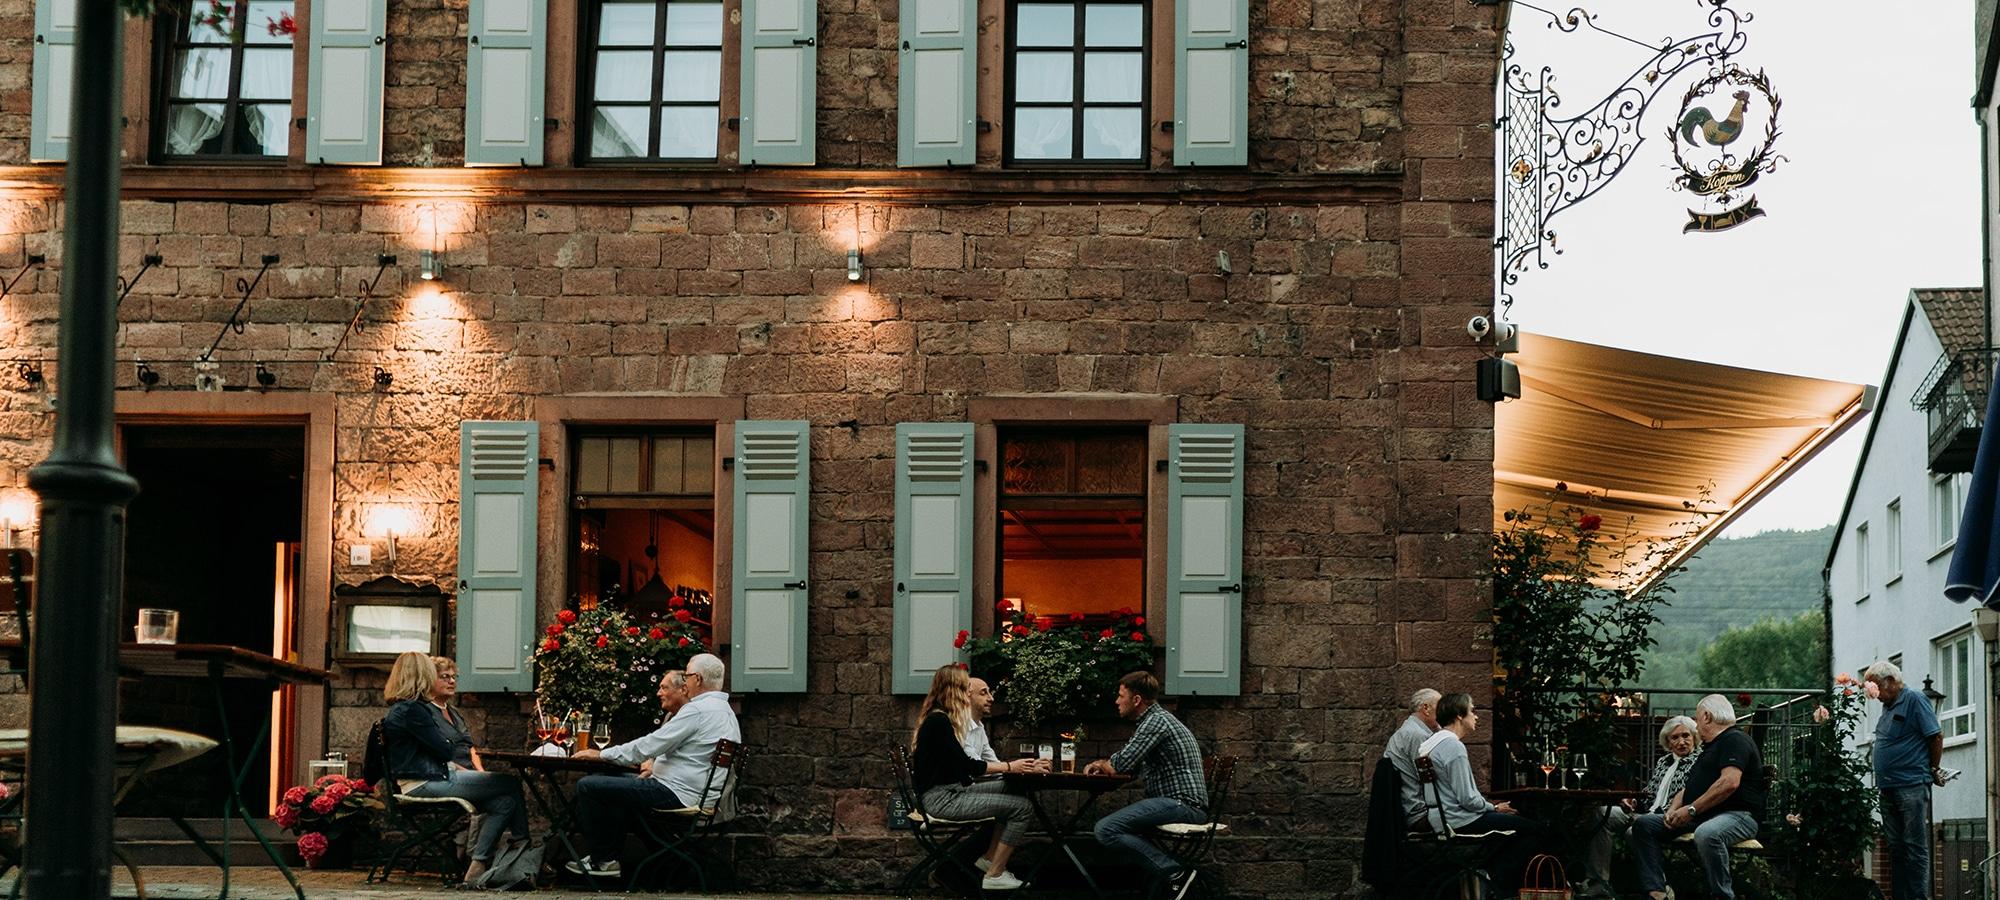 Mittagessen und Abendessen im Biergarten mit Außenbereich bei fränkischer Küche